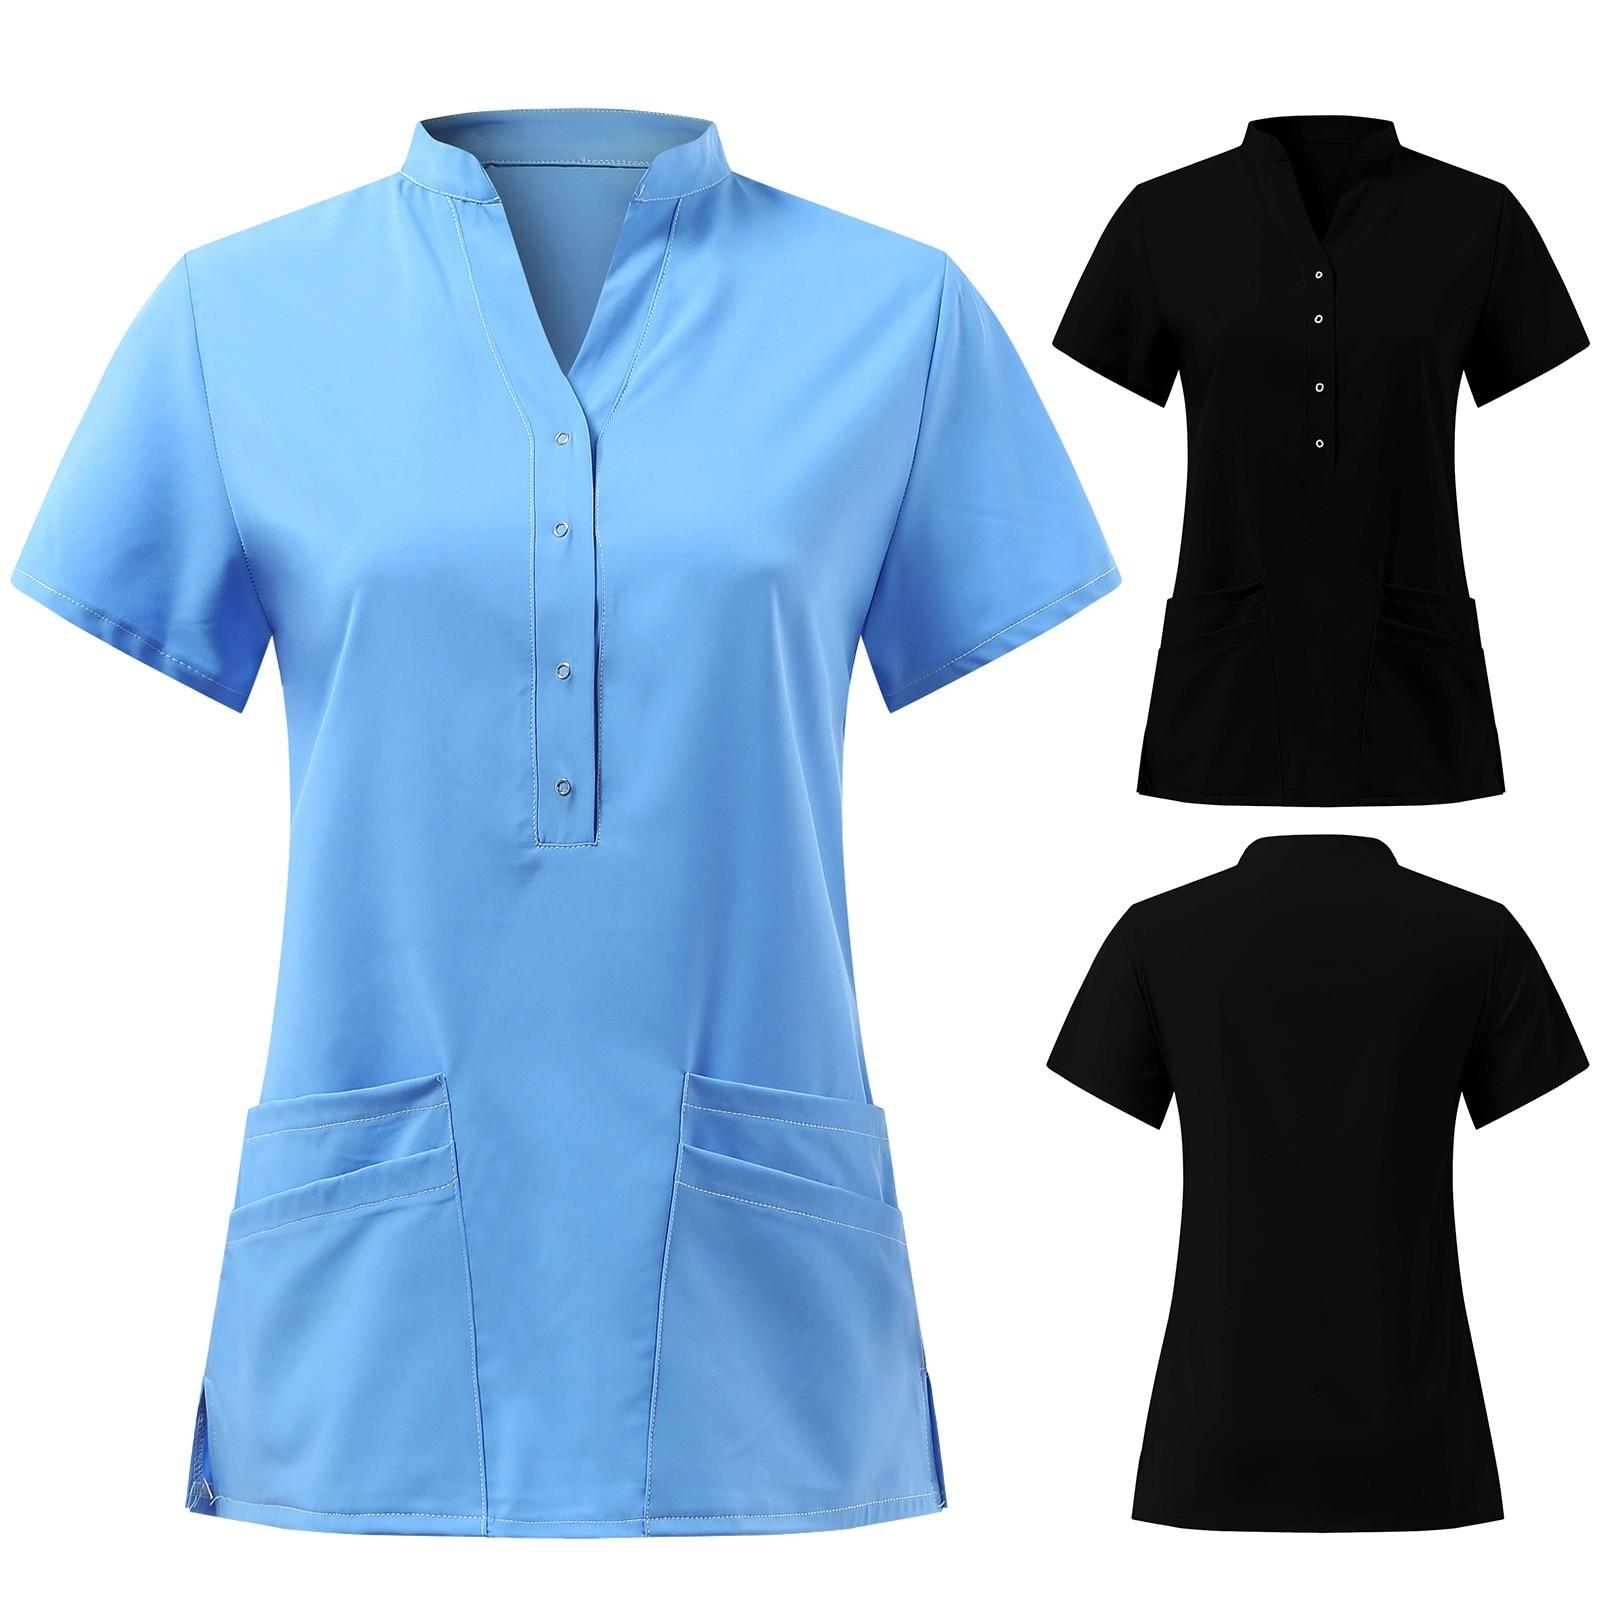 Uniforme médico Sexy para mujer, camisa de manga corta con cuello en V y botones, uniforme de trabajo para enfermería, moda de verano, 2021